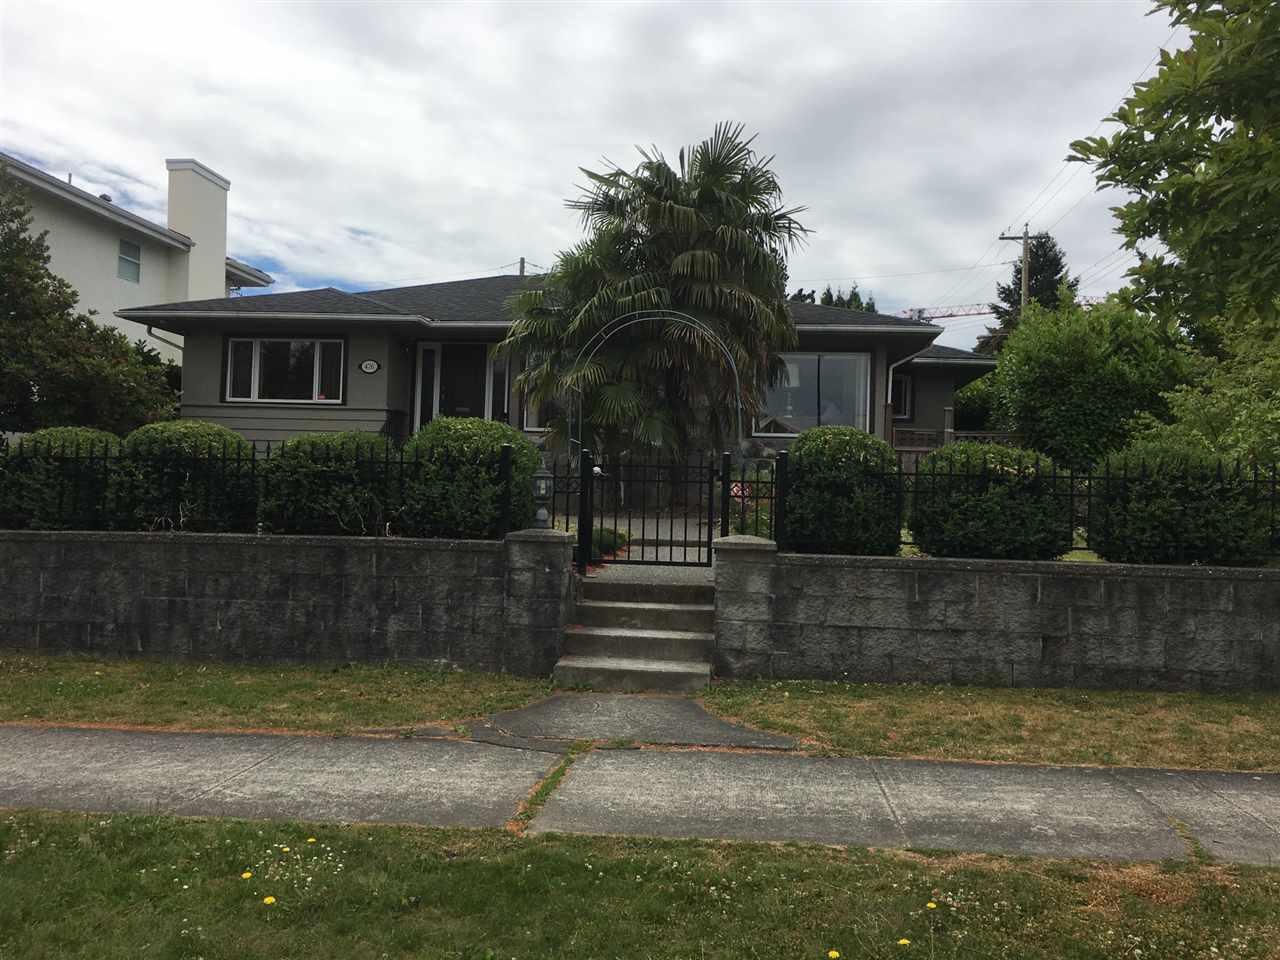 476 W 26TH AVENUE, Vancouver, BC V5Y 2K2